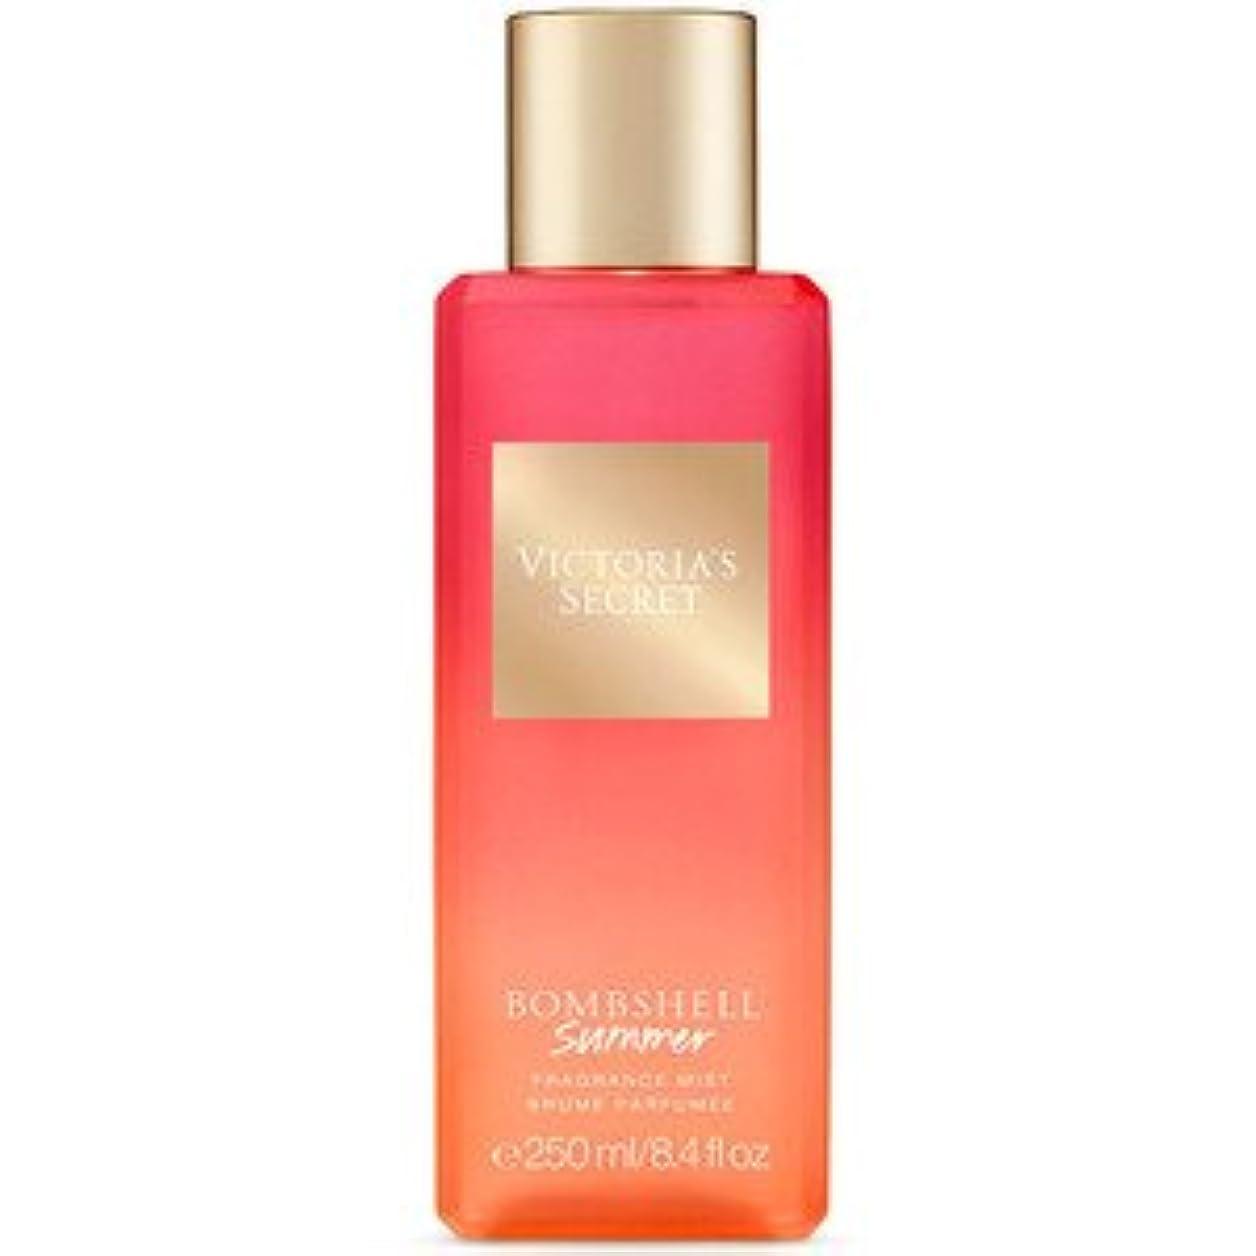 登場キャプテンセンサーBombshell Summer (ボム シェル サマー) 8.4 oz (250ml) Fragrance Mist by Victoria Secret for Women